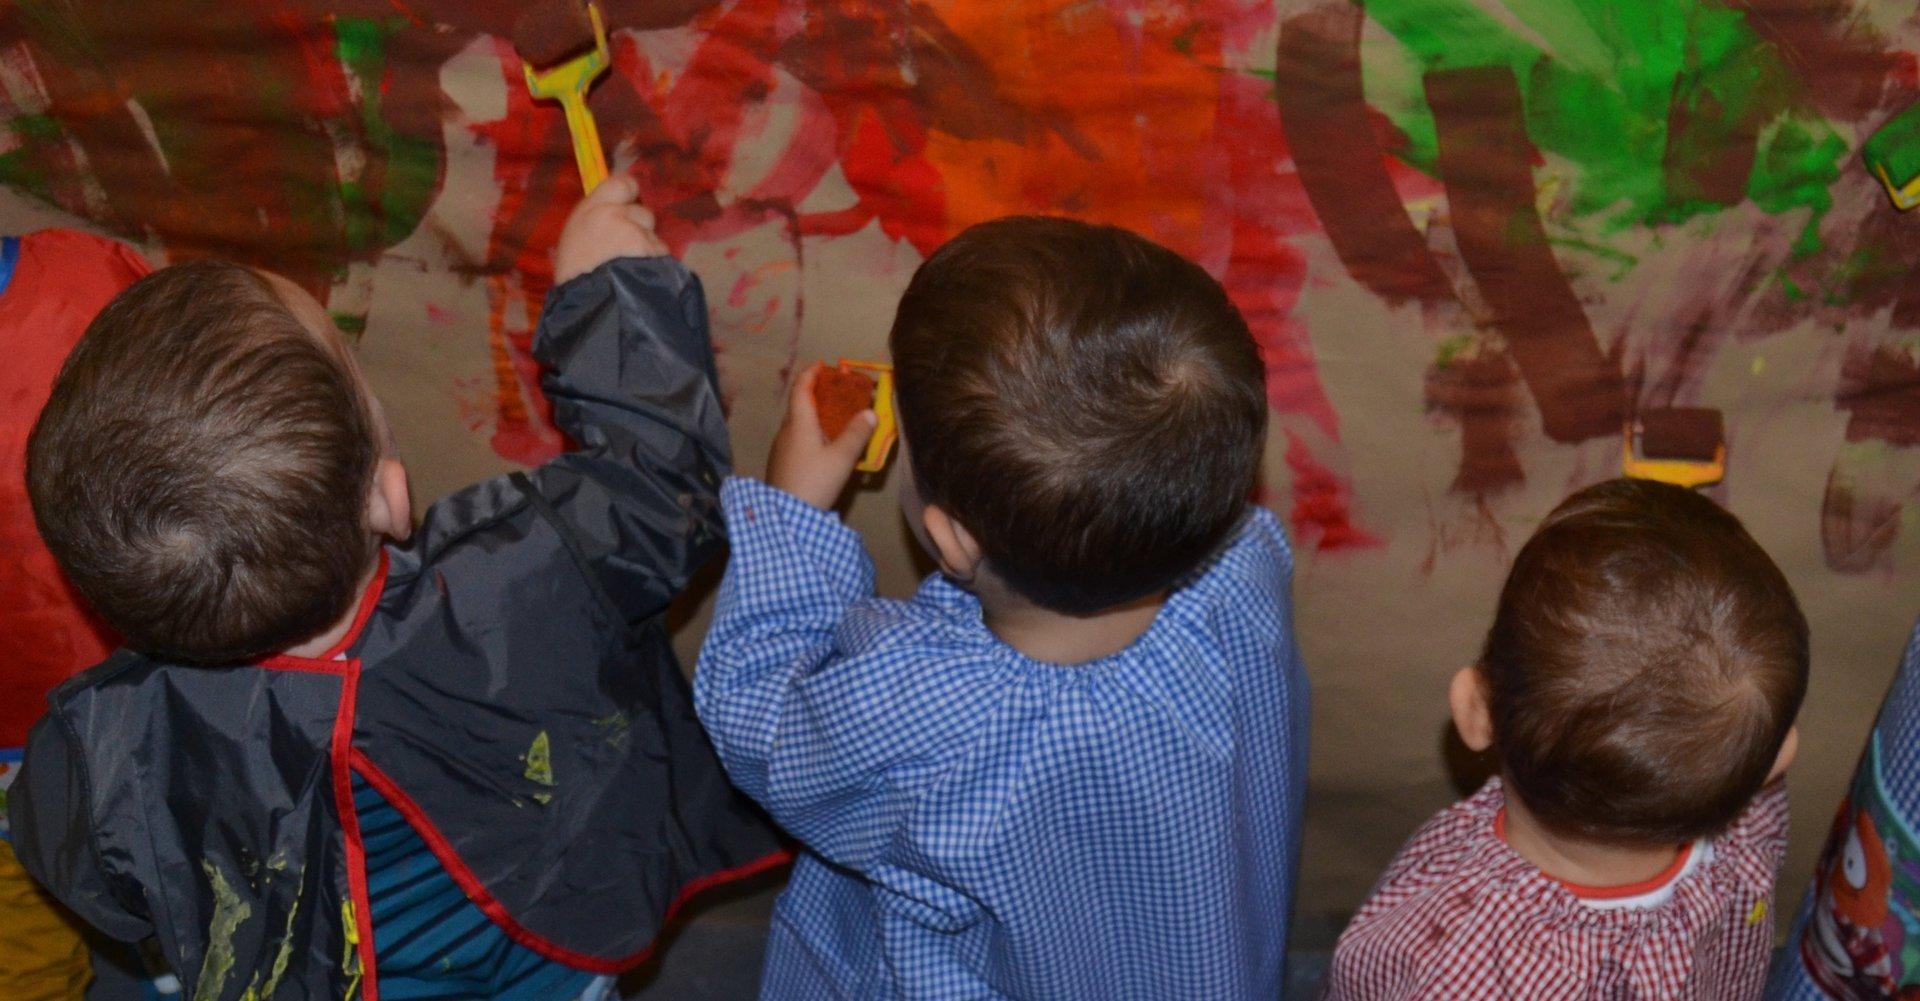 Cavall de Cartró Serveis educatius - Educació infantil - pintura